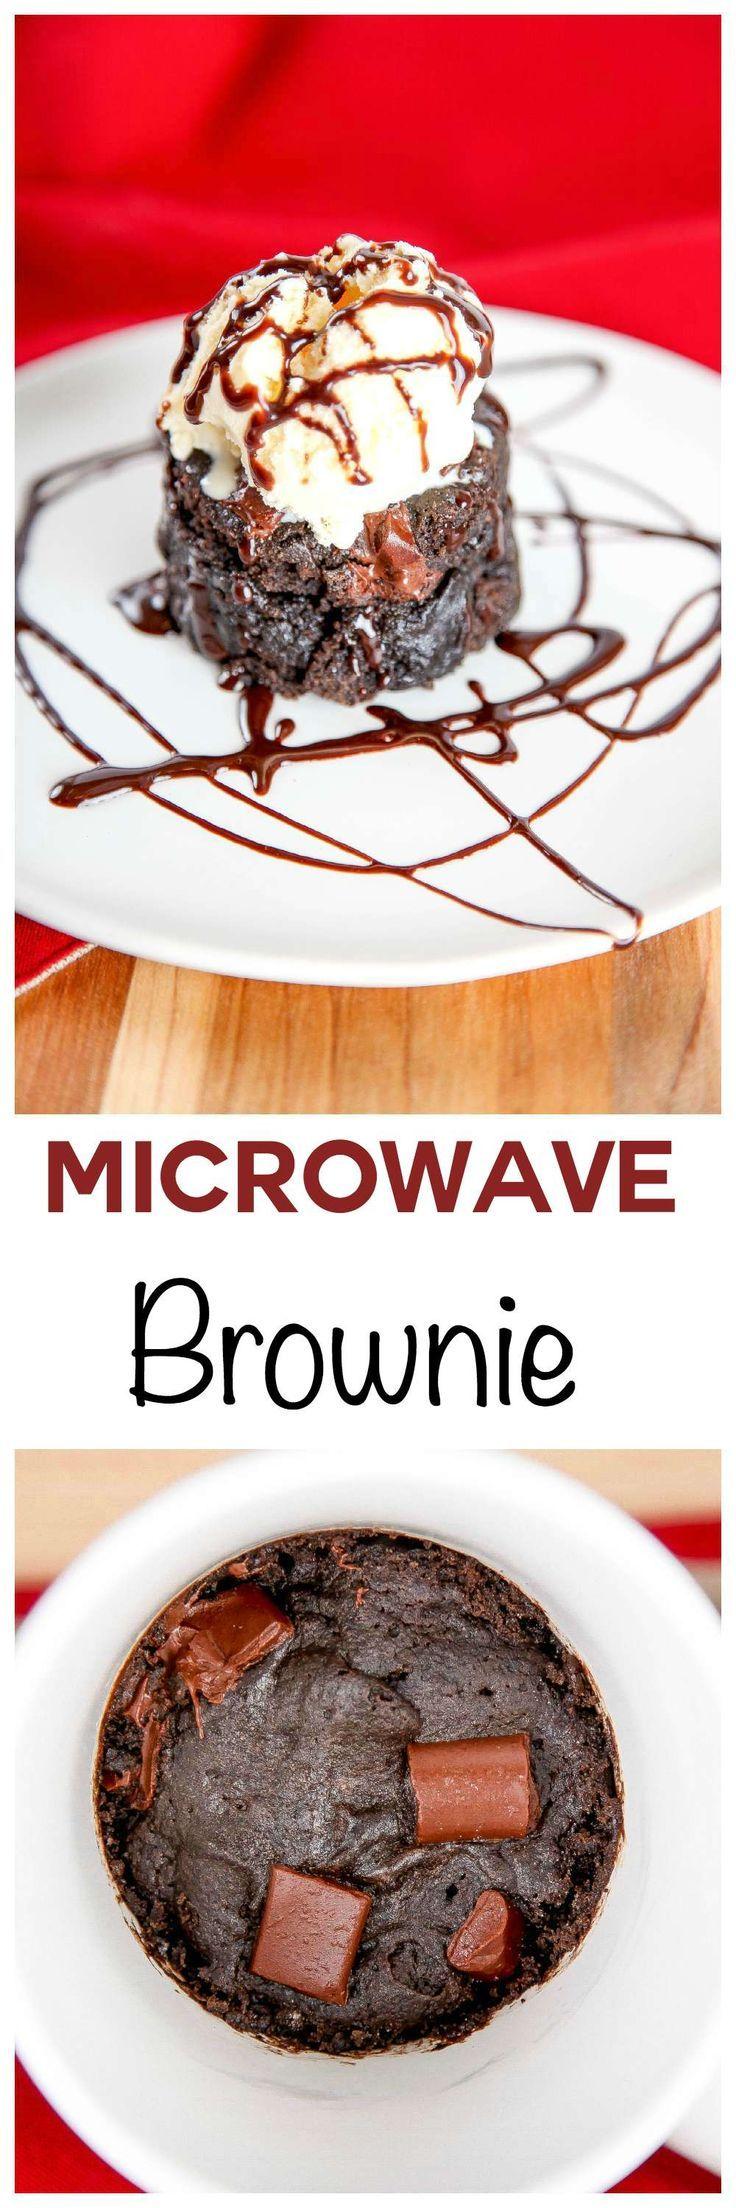 Blue apron brownies - Microwave Mug Brownie